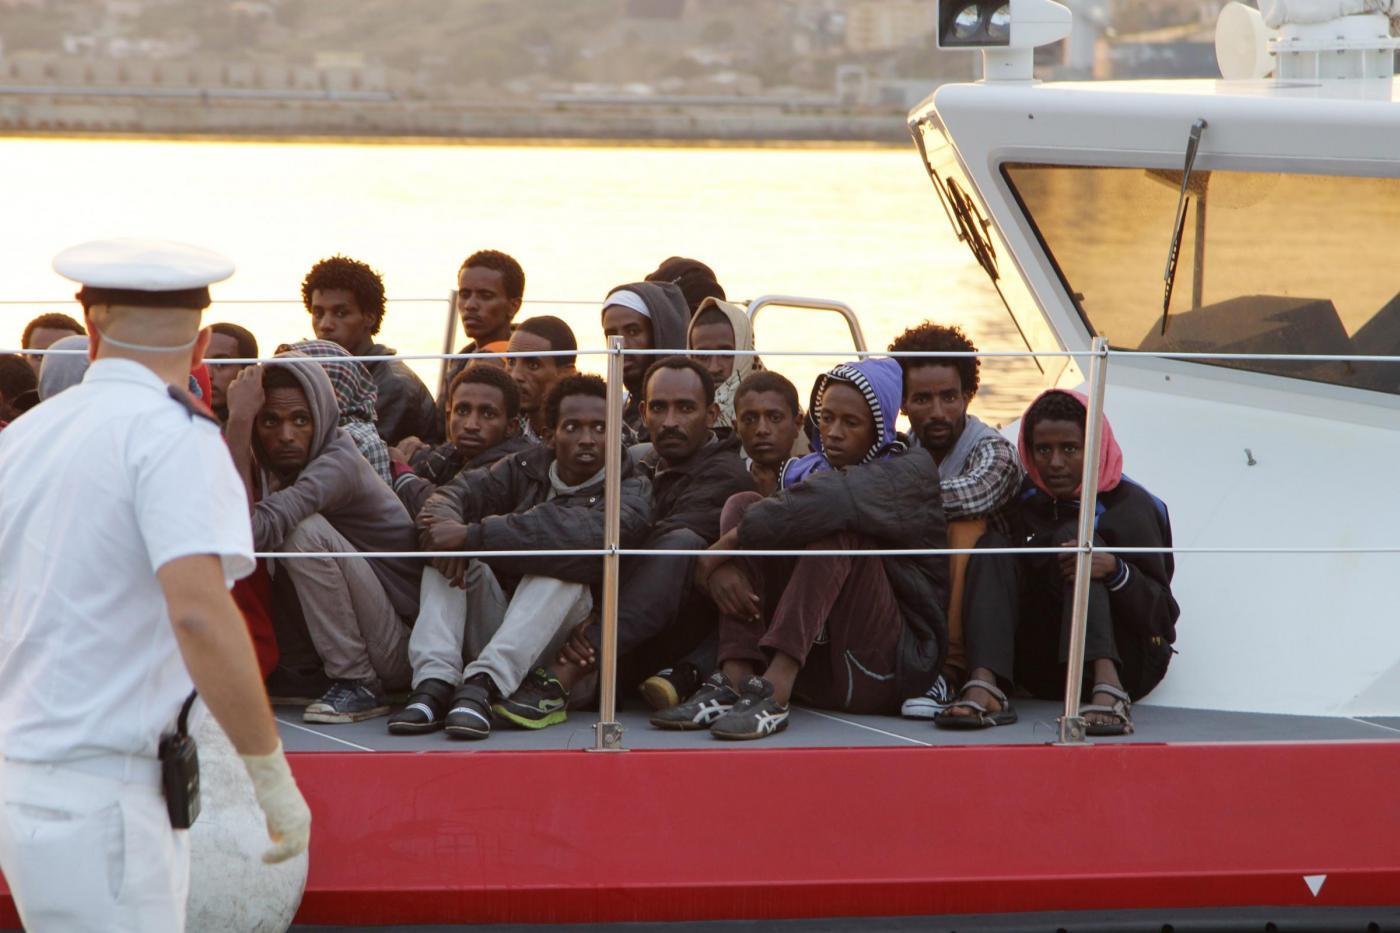 Sbarchi migranti: situazione al collasso, servono immediatamente 6.500 posti